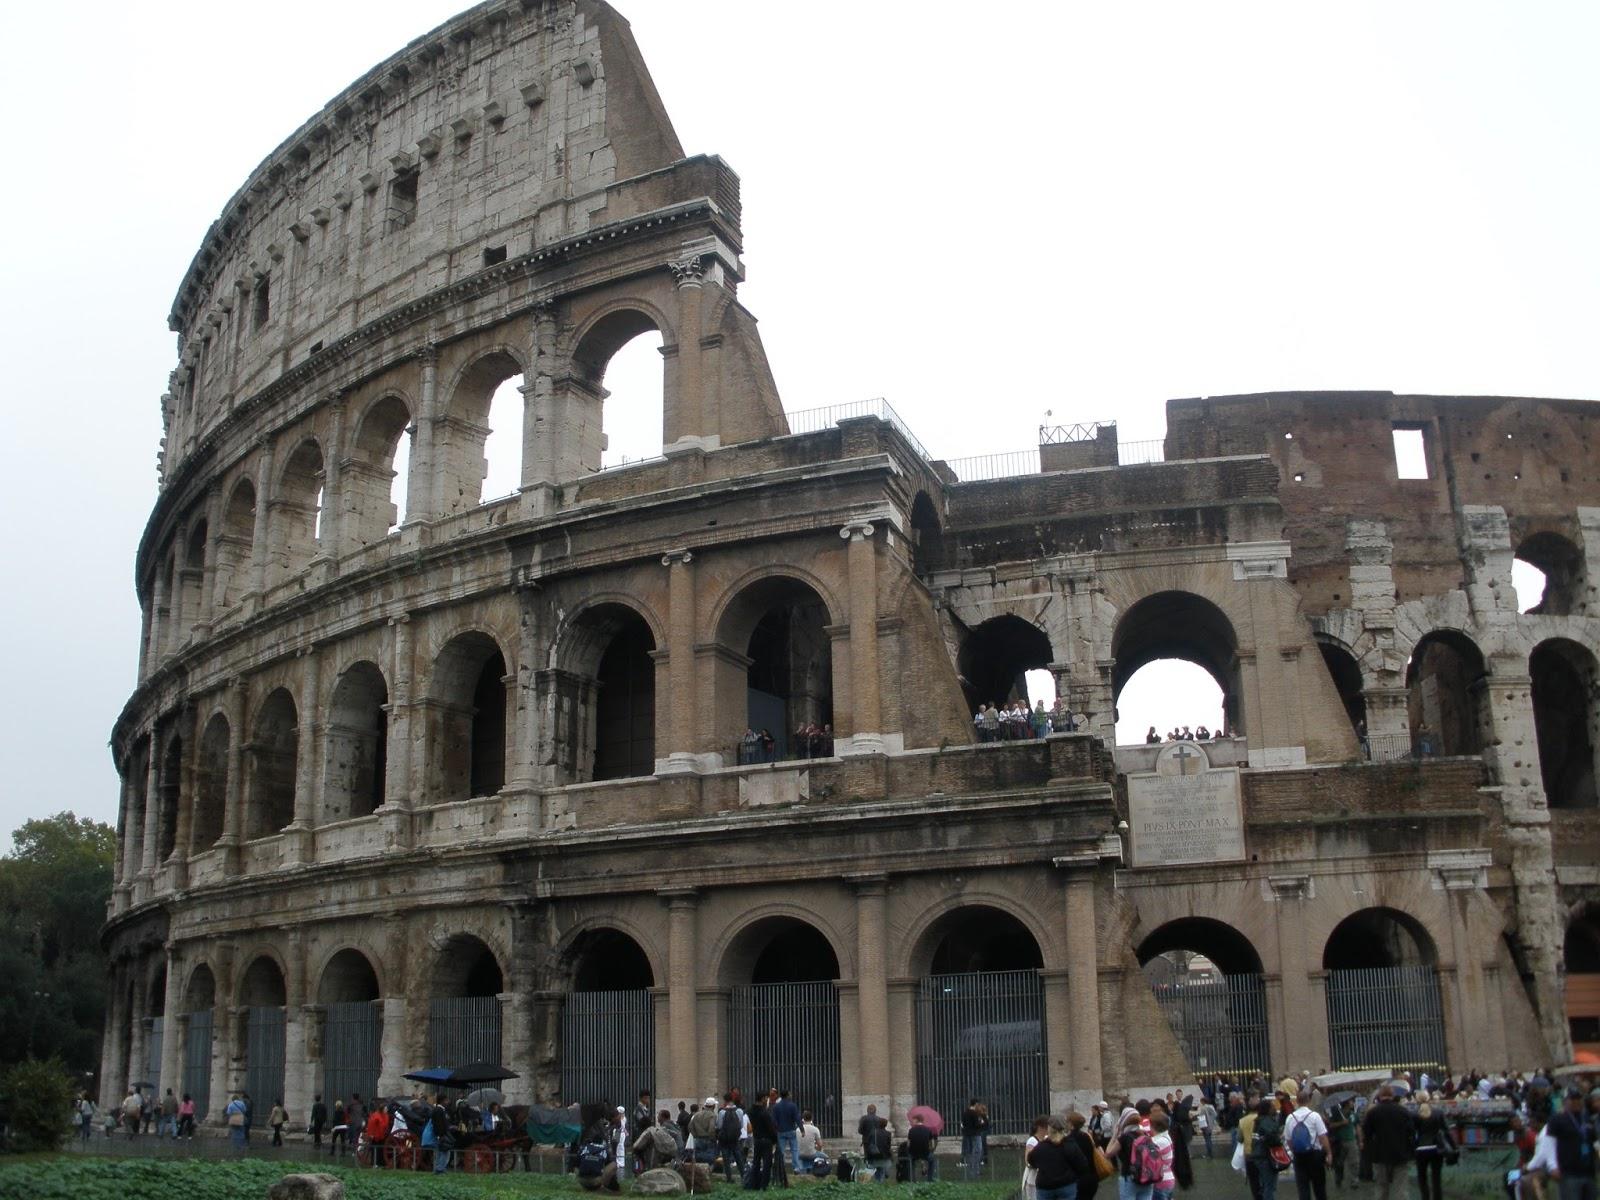 Anfiteatro del Imperio Romano, construido en el siglo I en el centro de Roma por Vespasiano.